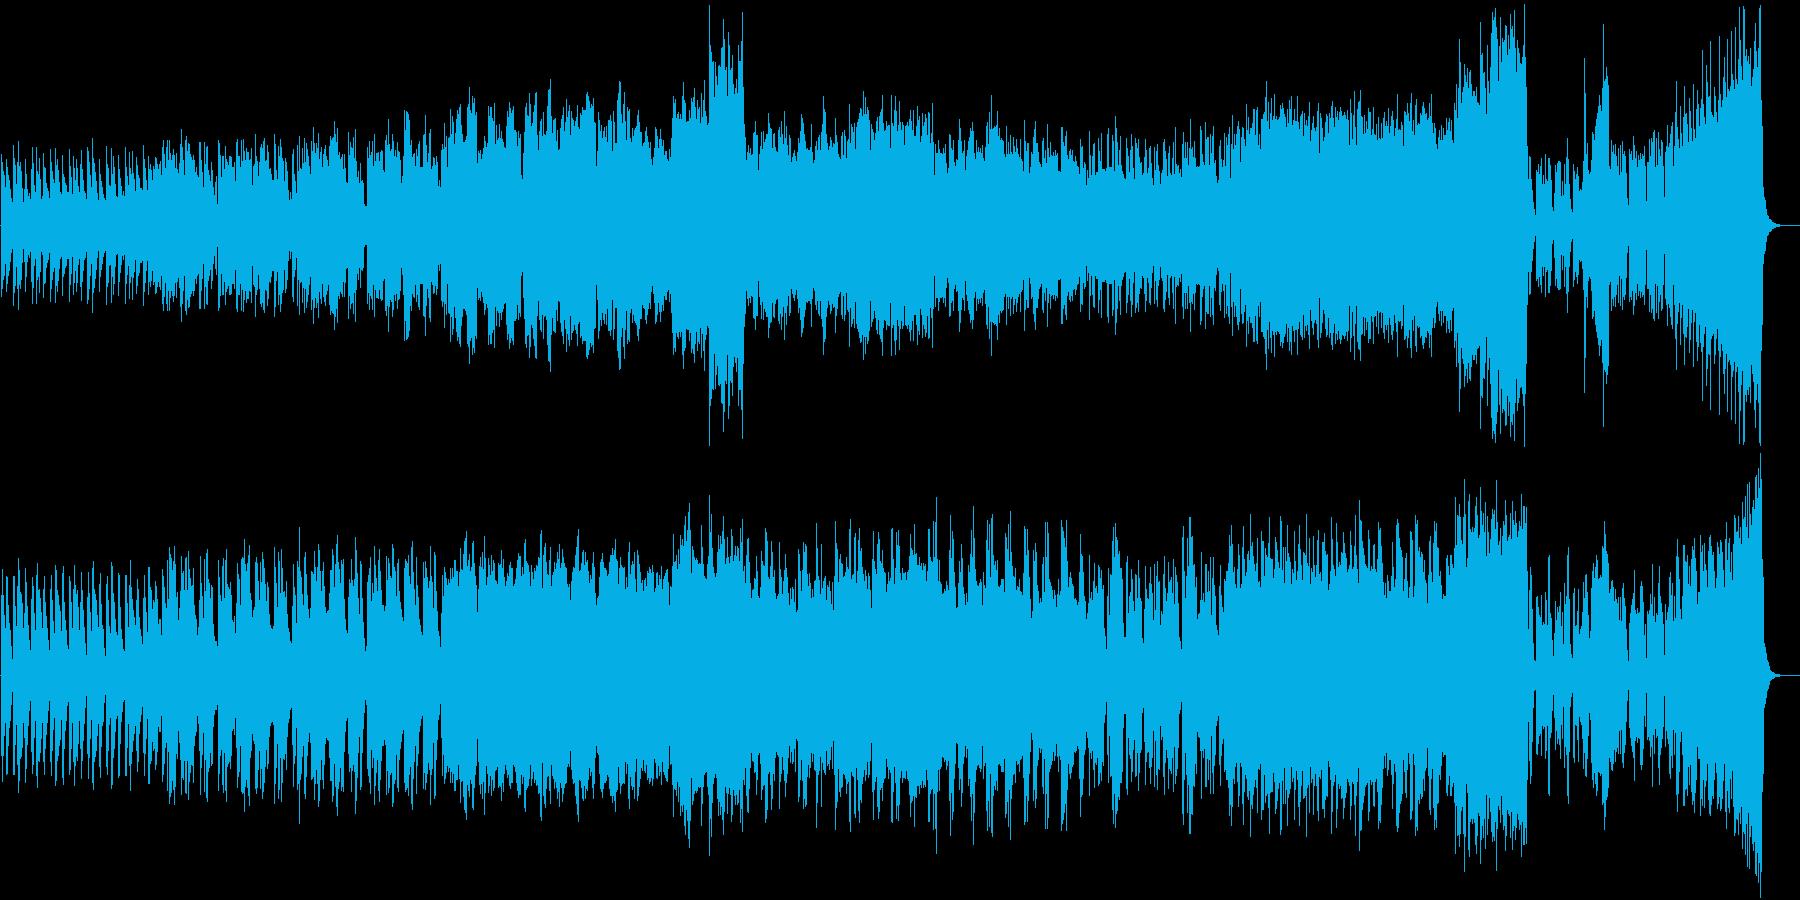 高い山を登っていくような管弦楽曲の再生済みの波形